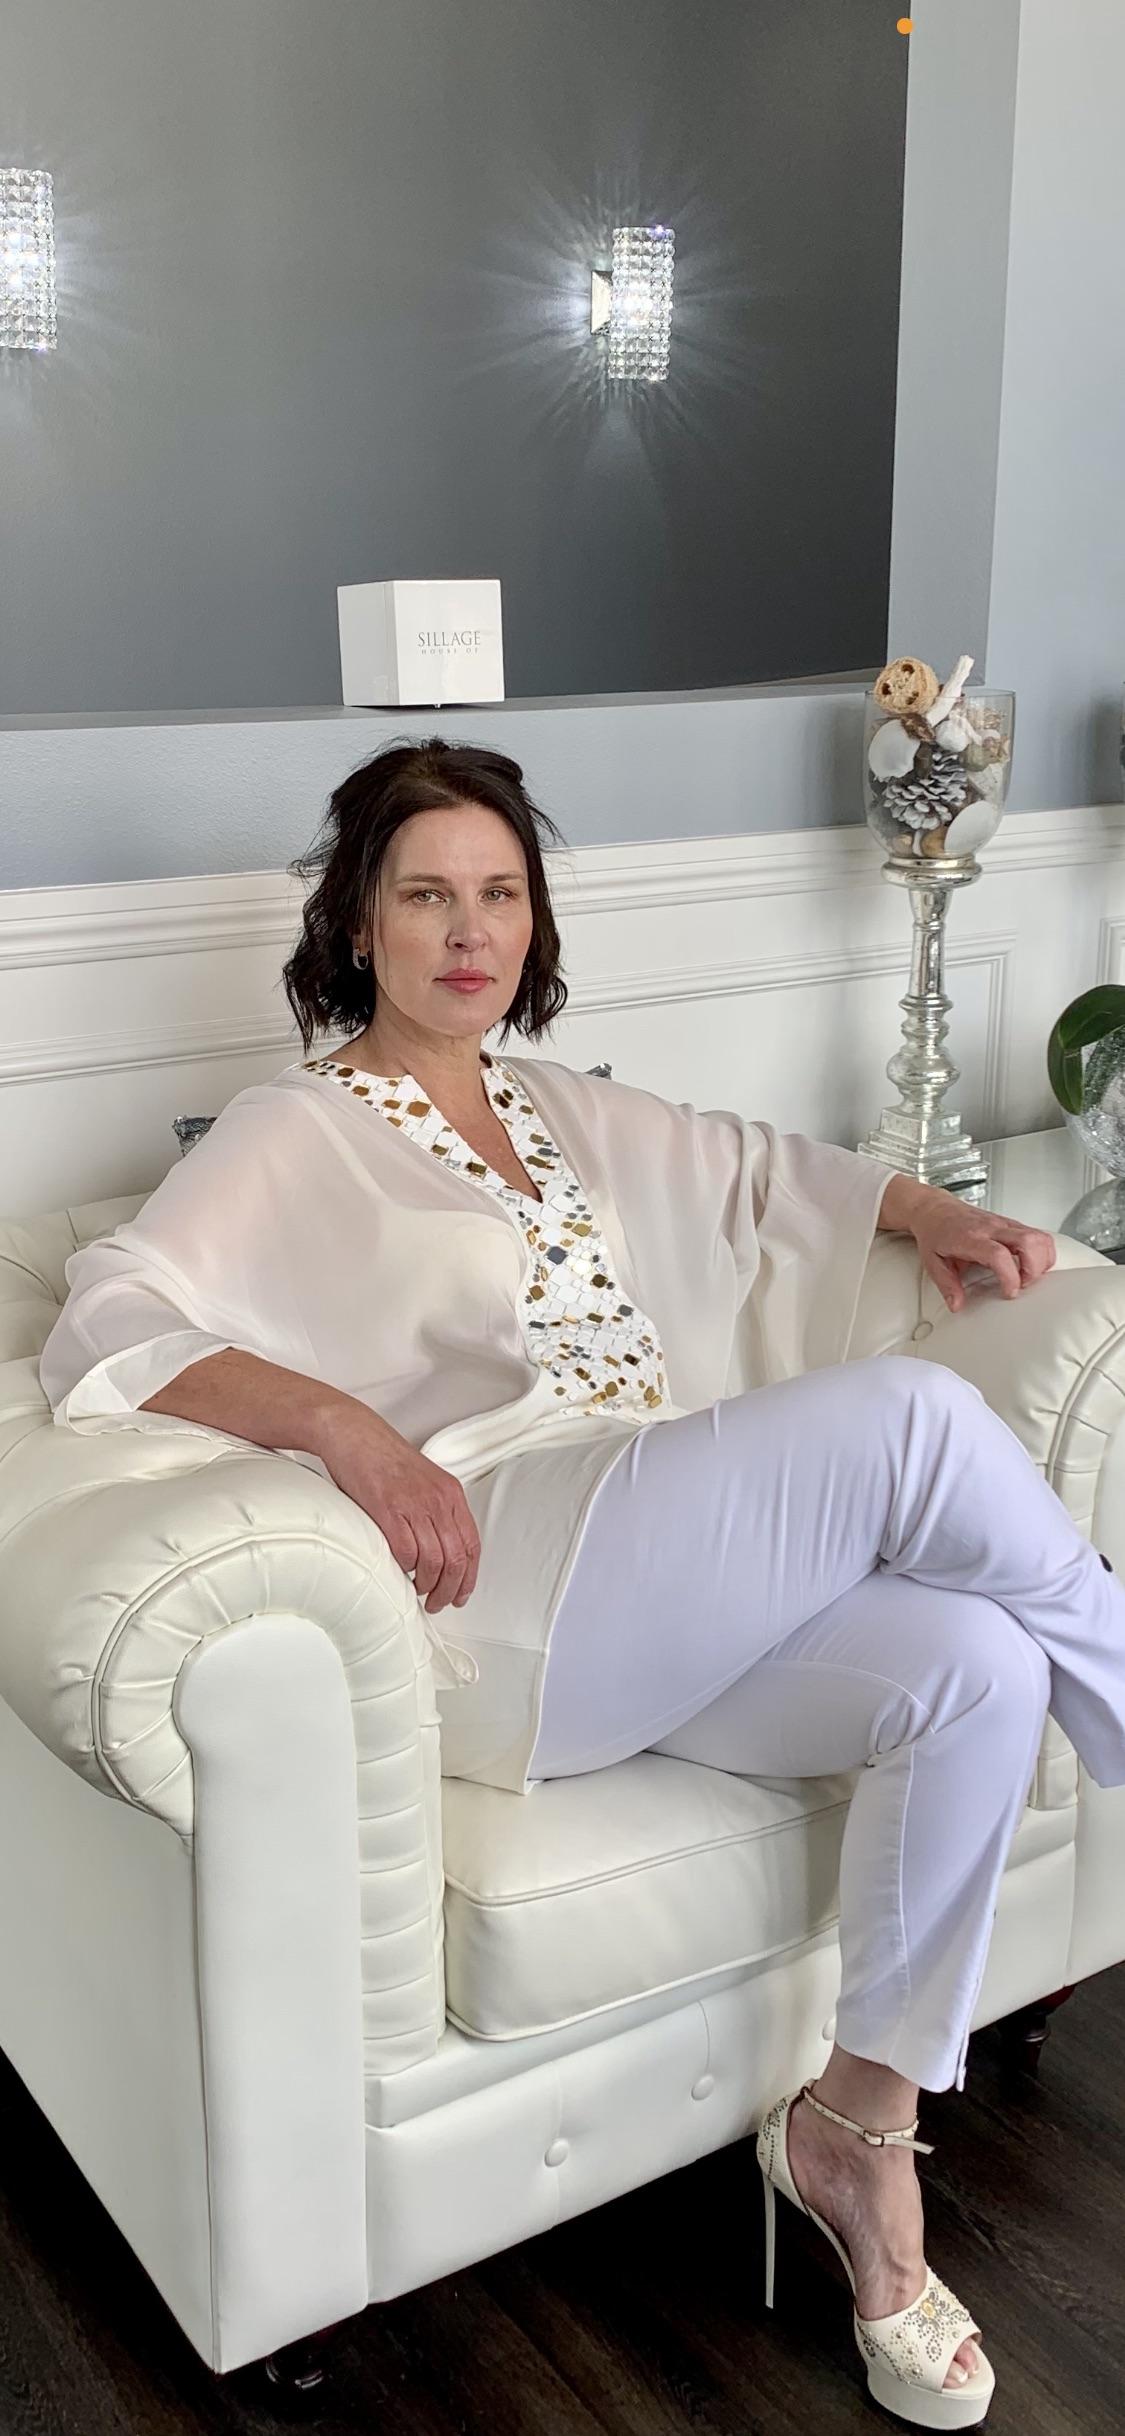 Dr. Alicja Steiner